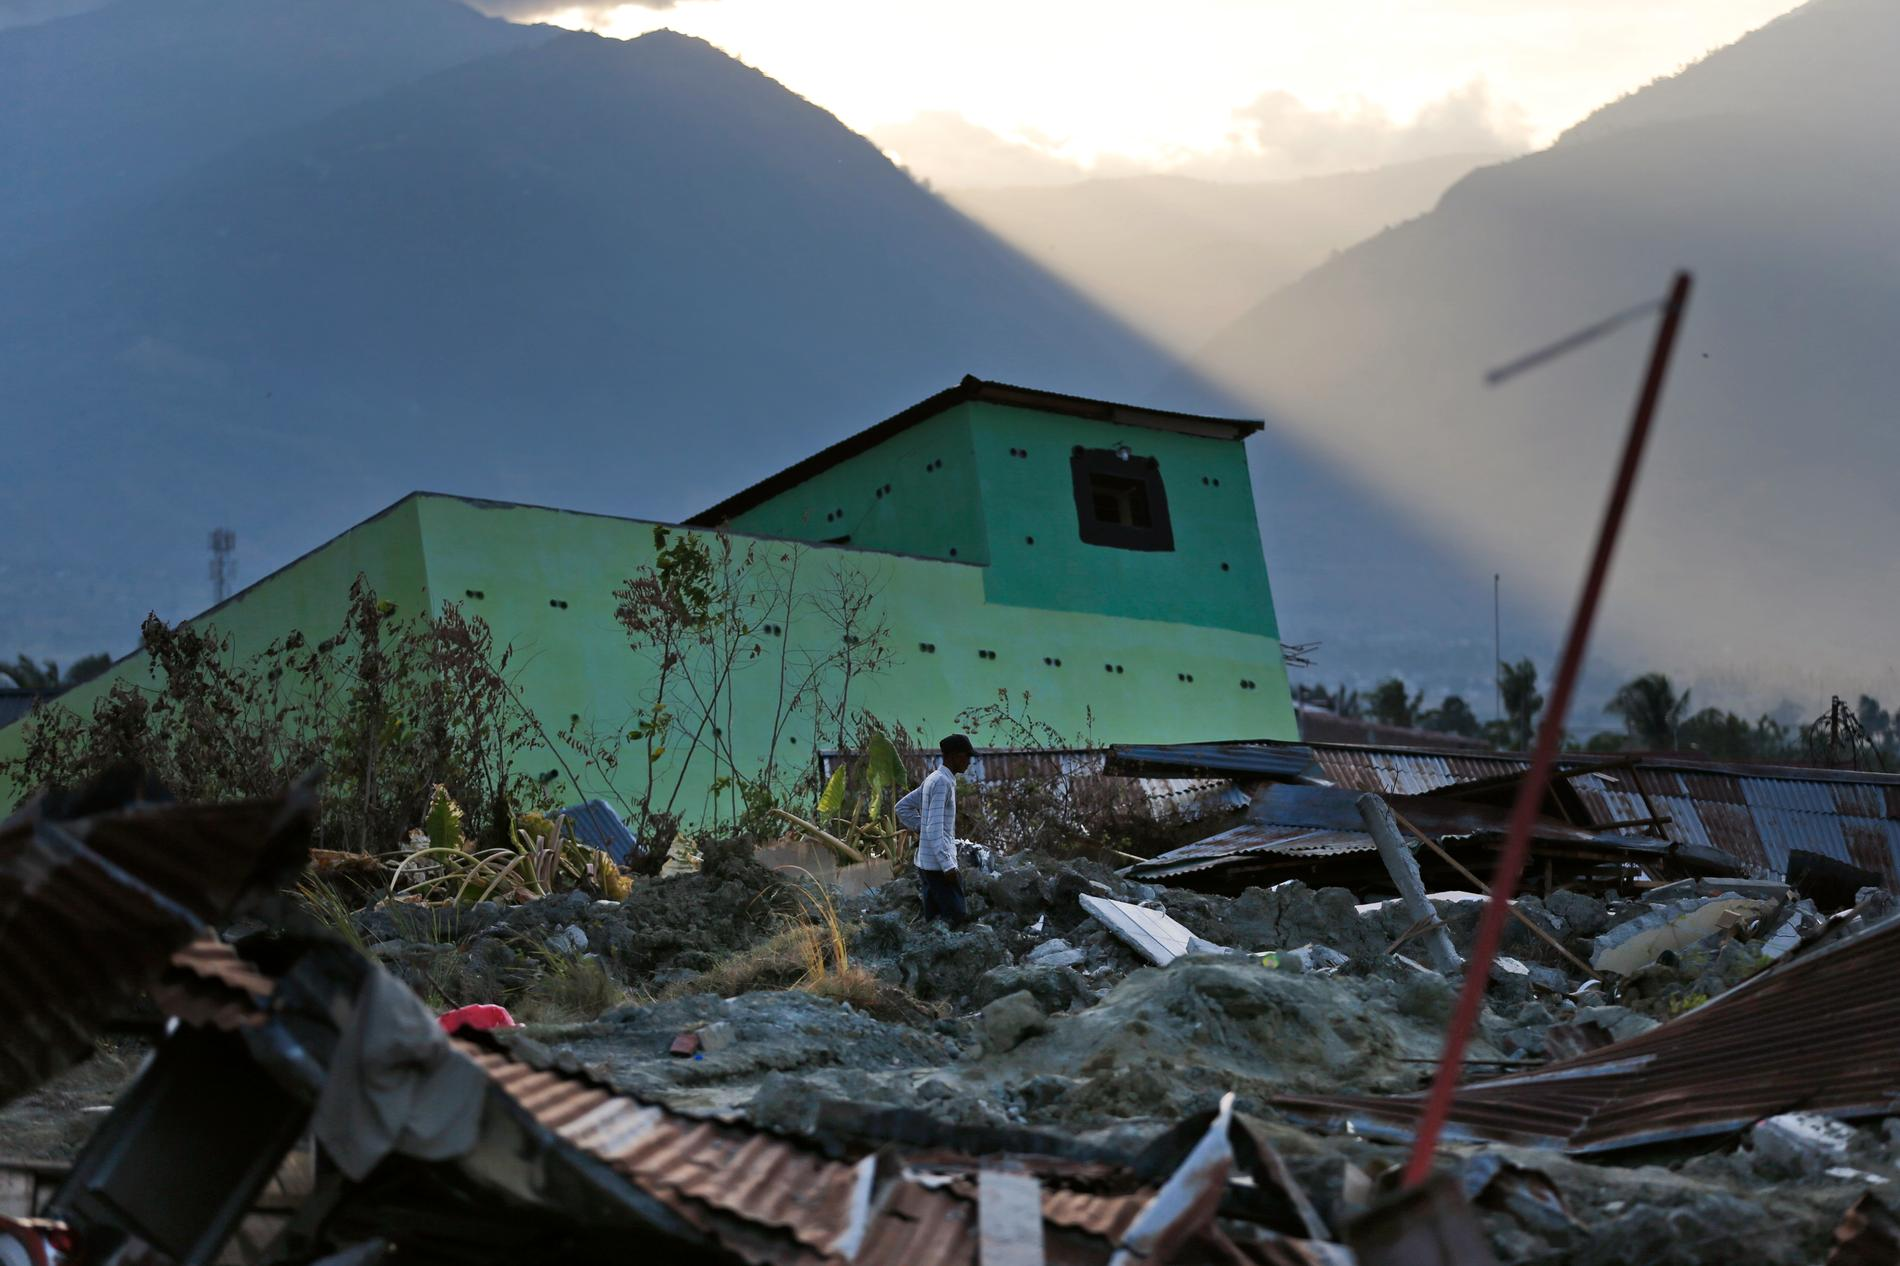 Många byggnader totalförstördes i naturkatastrofen som drabbade kuststaden Palu på den indonesiska ön Sulawesi för en dryg vecka sedan. Arkivbild.